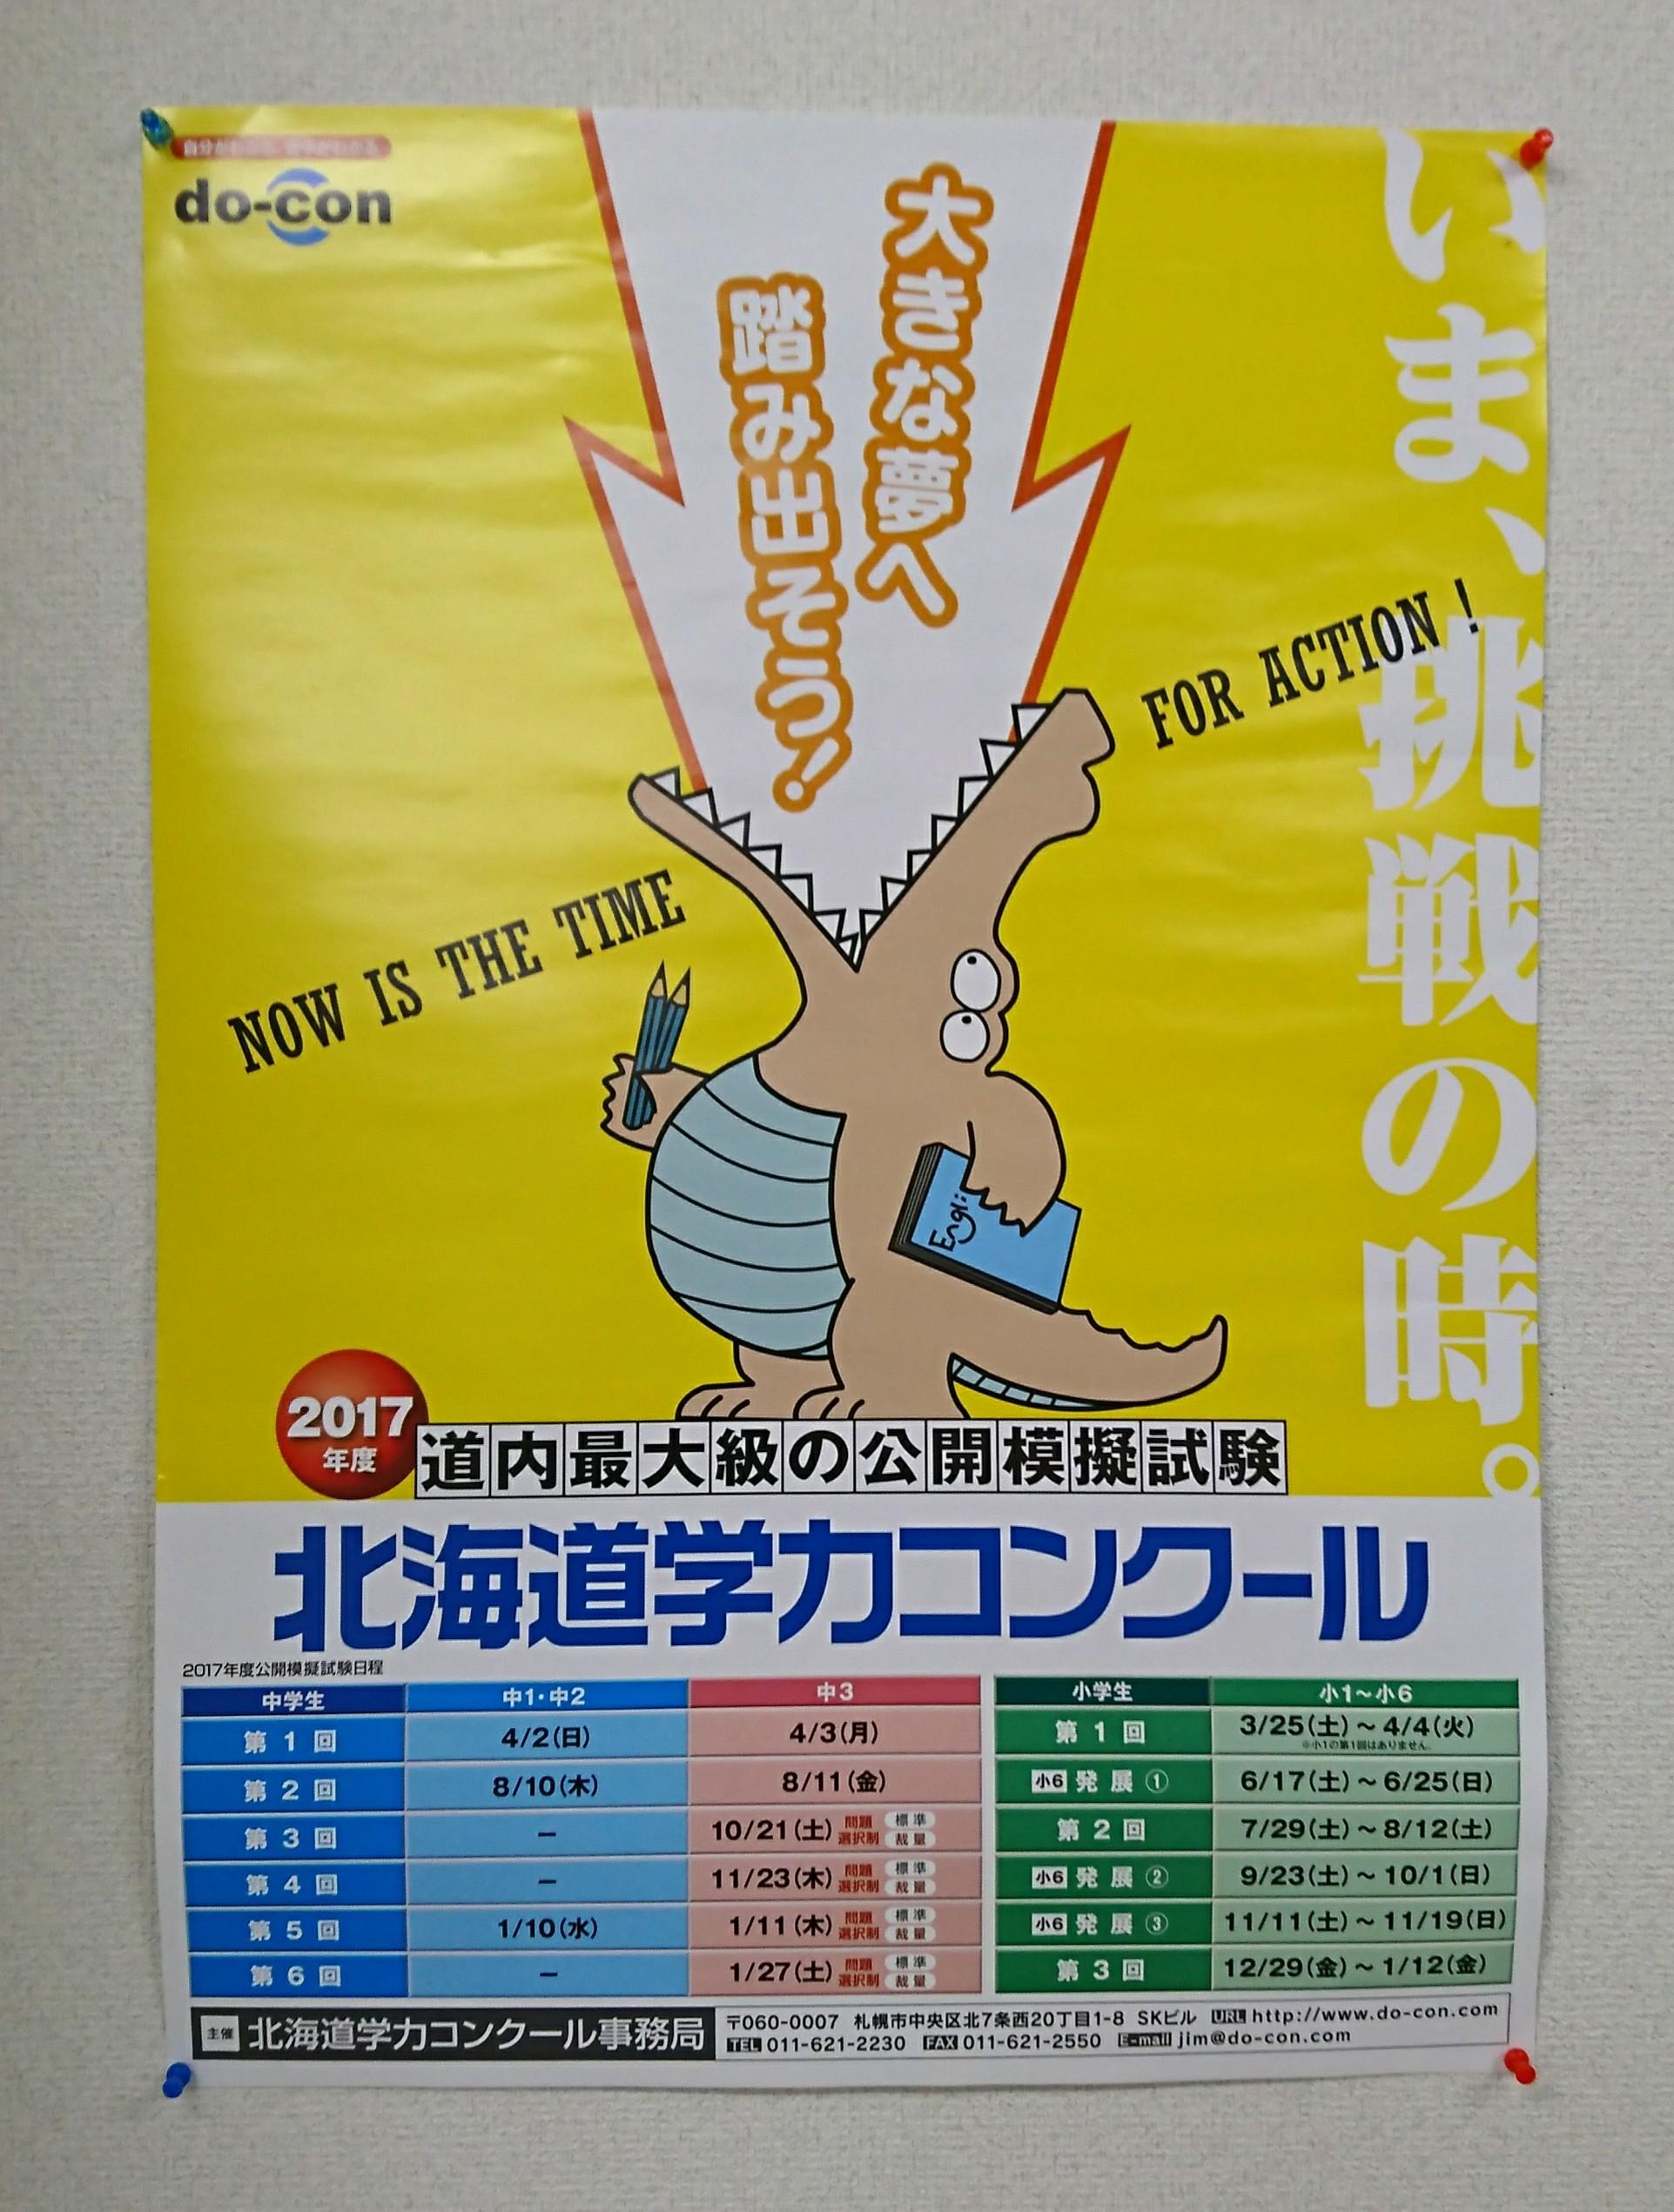 道コンポスター